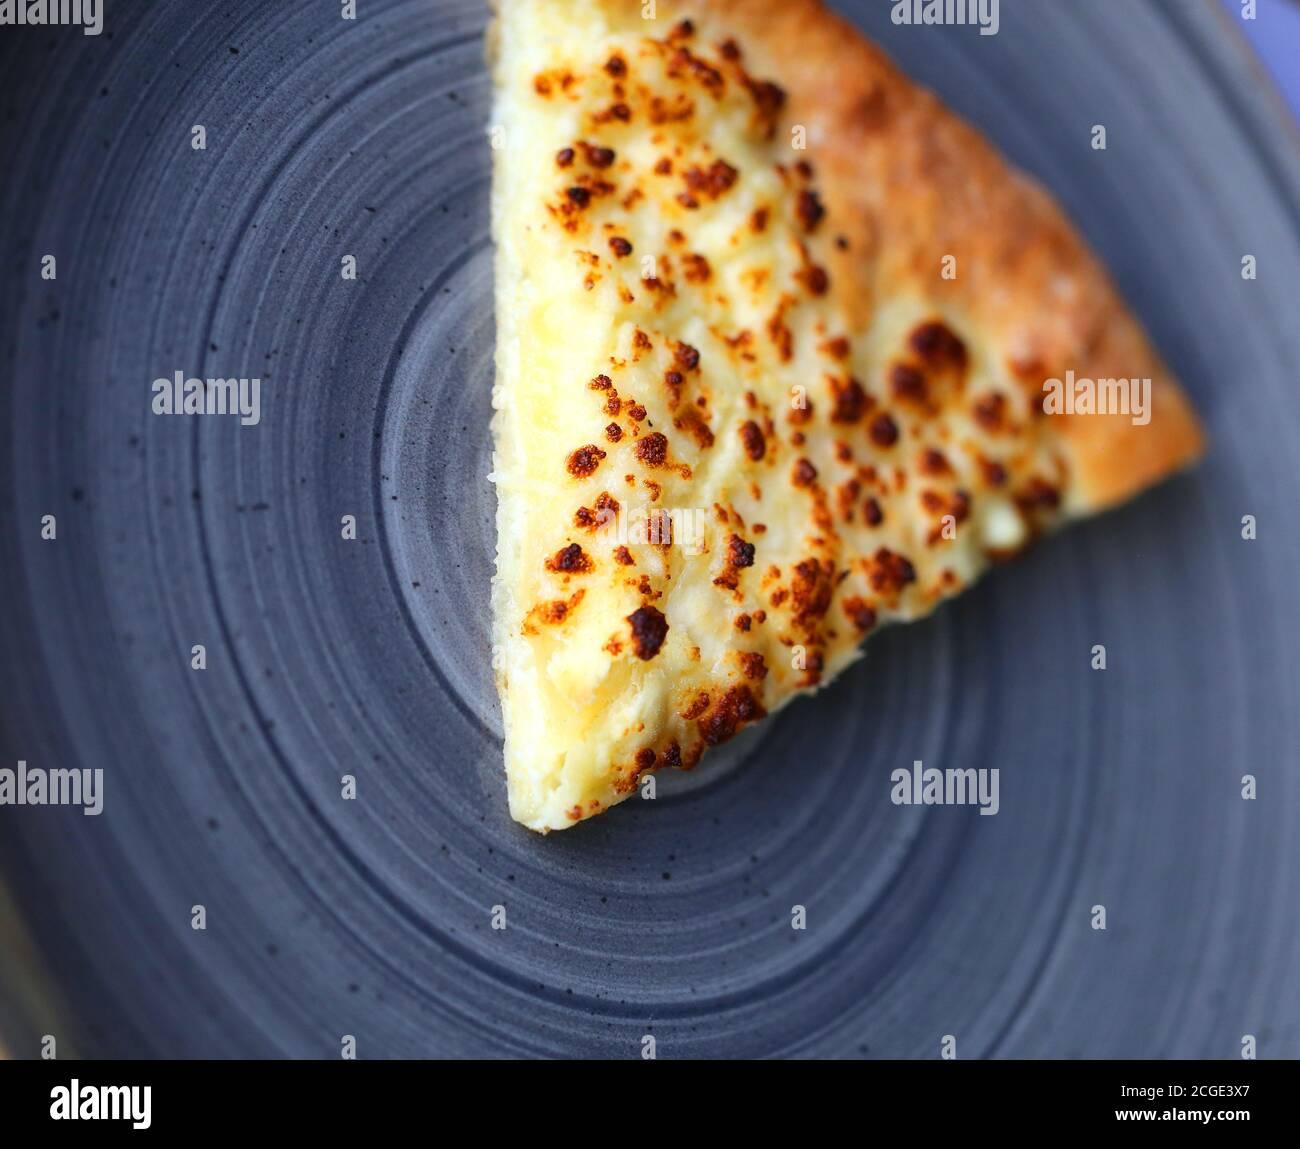 Texture photo d'une tranche de pizza avec du fromage une assiette dans un café Banque D'Images